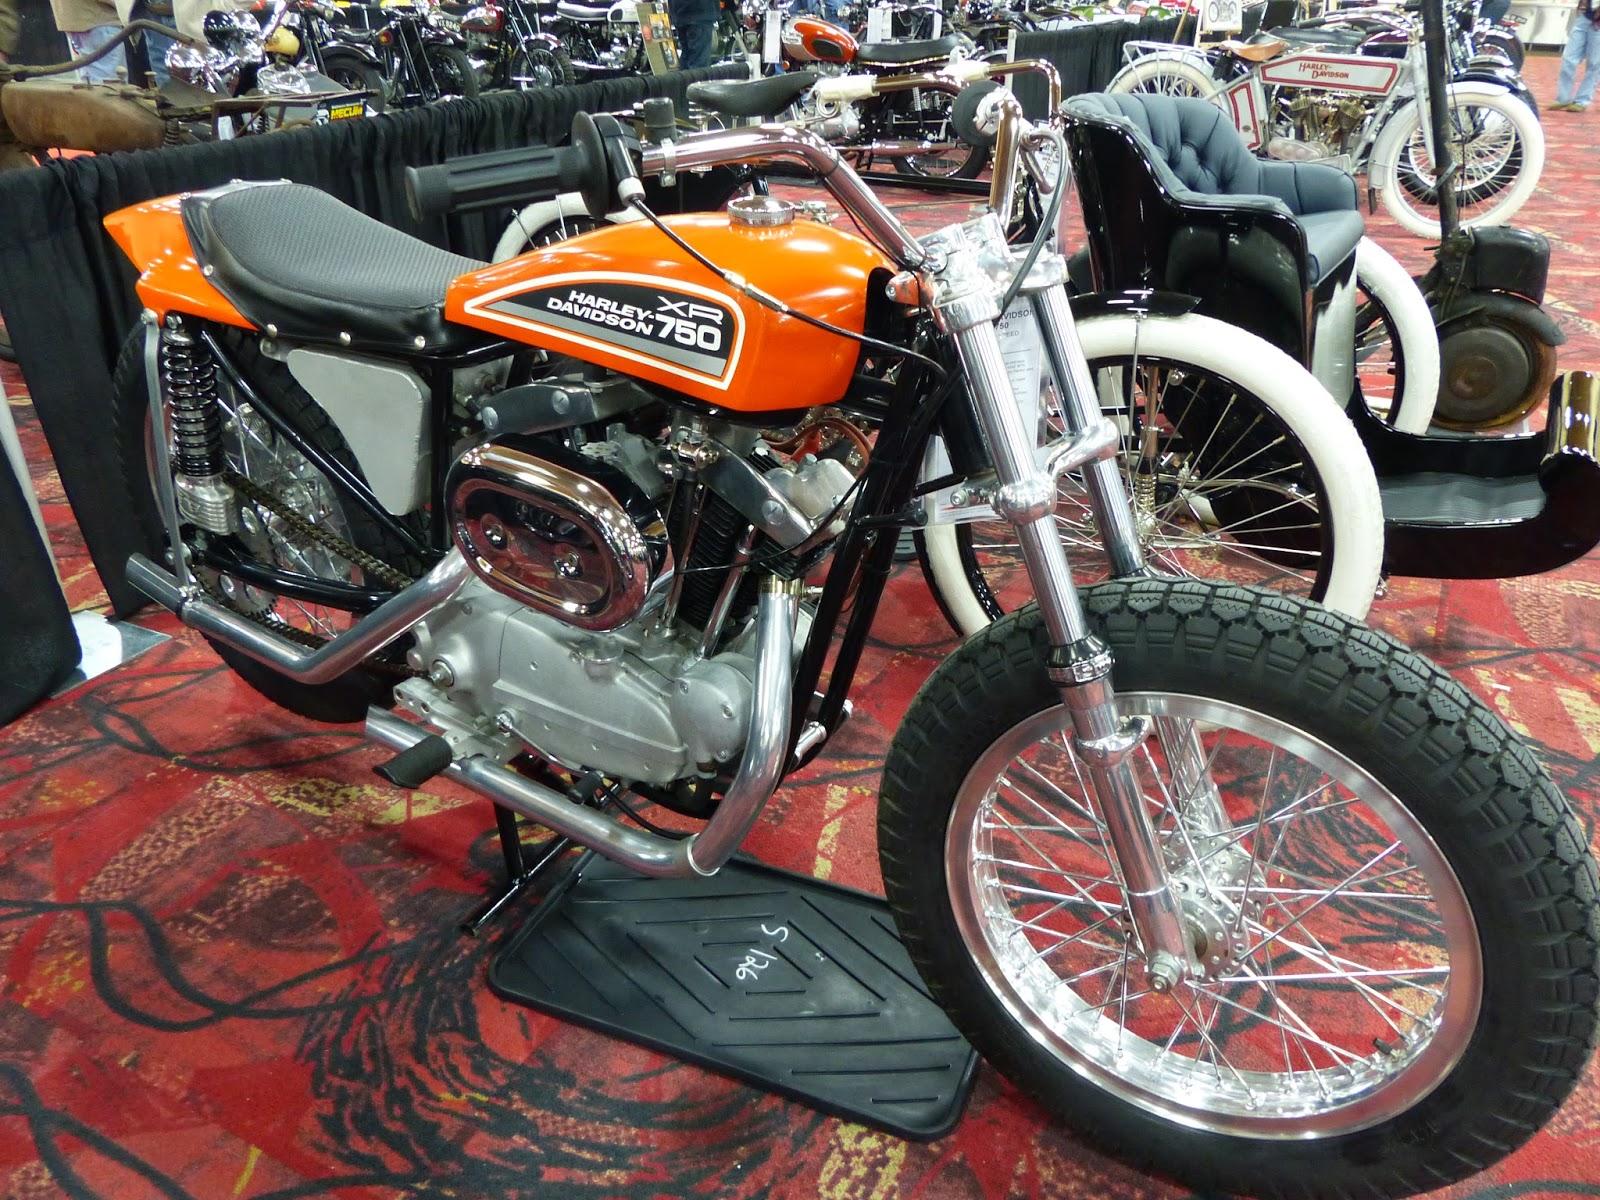 Oldmotodude 1970 Harley Davidson Xr750 Sold For 24 000